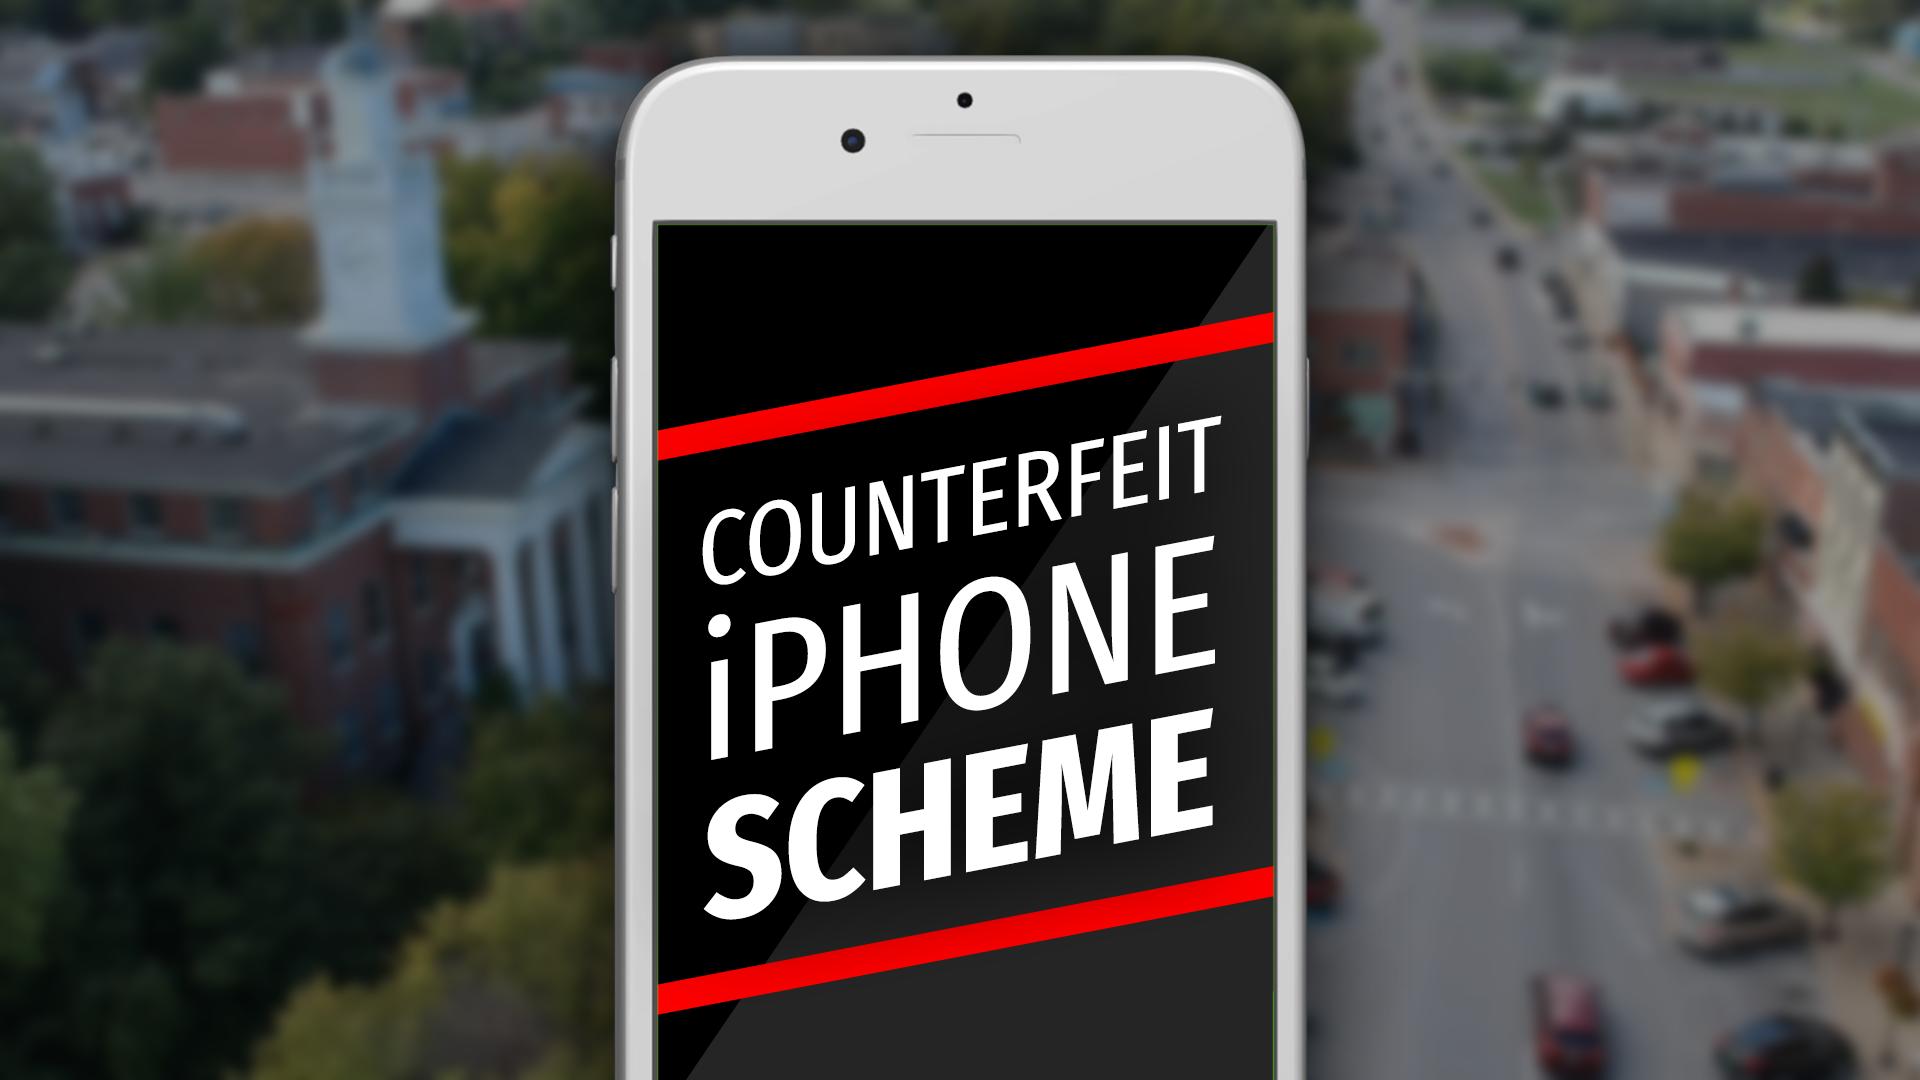 glasgow police warn of counterfeit iphone scheme